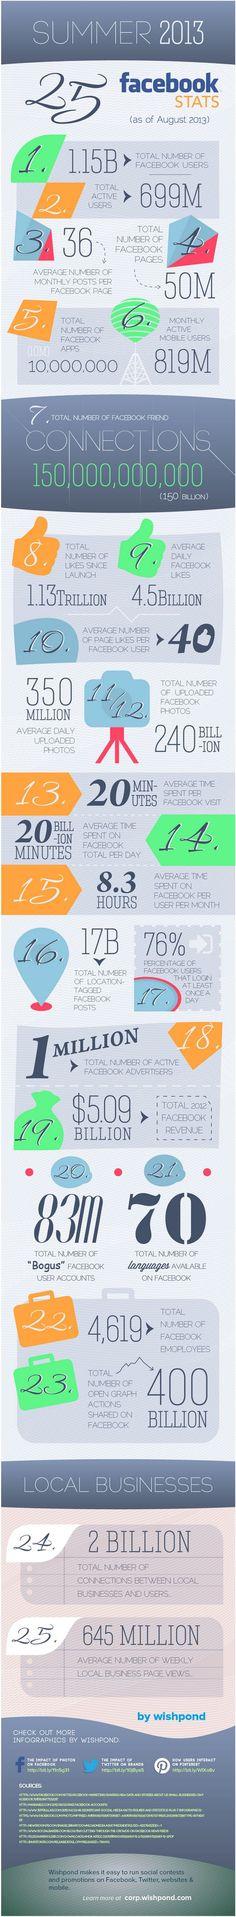 Algunas estadísticas actuales de Facebook que no muchos conocen